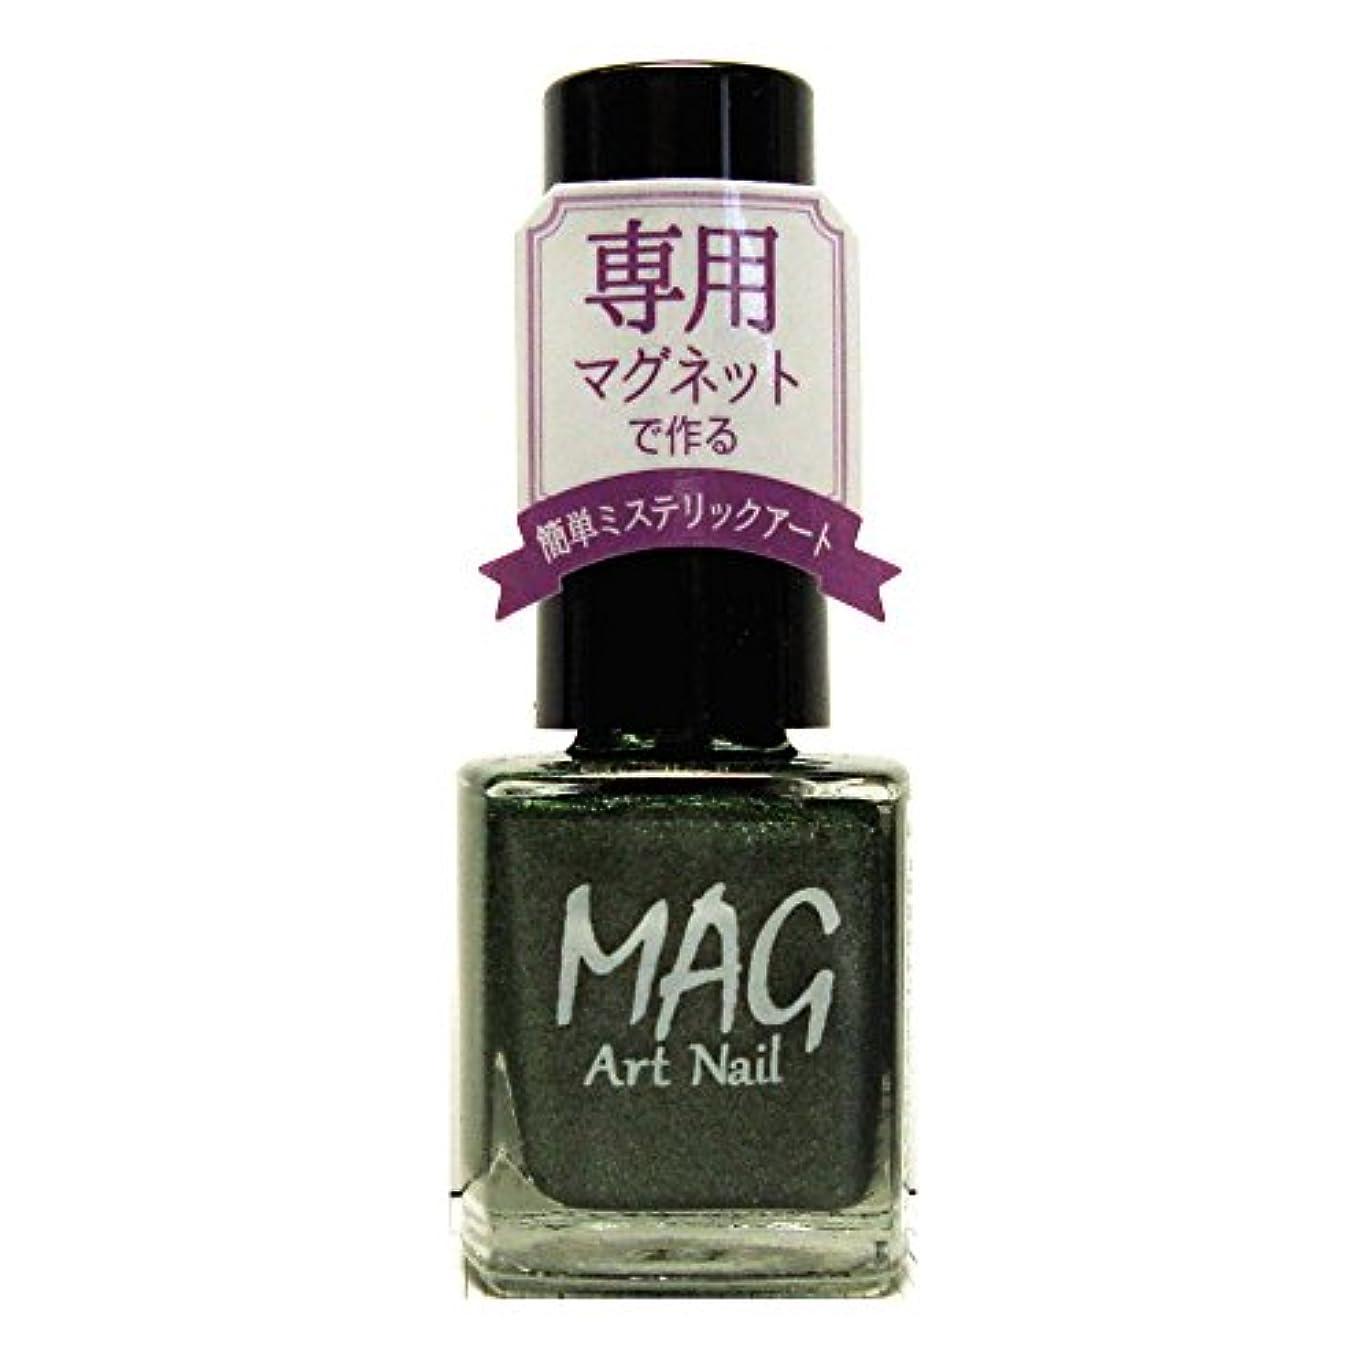 弓区別する持参TMマグアートネイル(爪化粧料) TMMA1602 フォレストグリーン